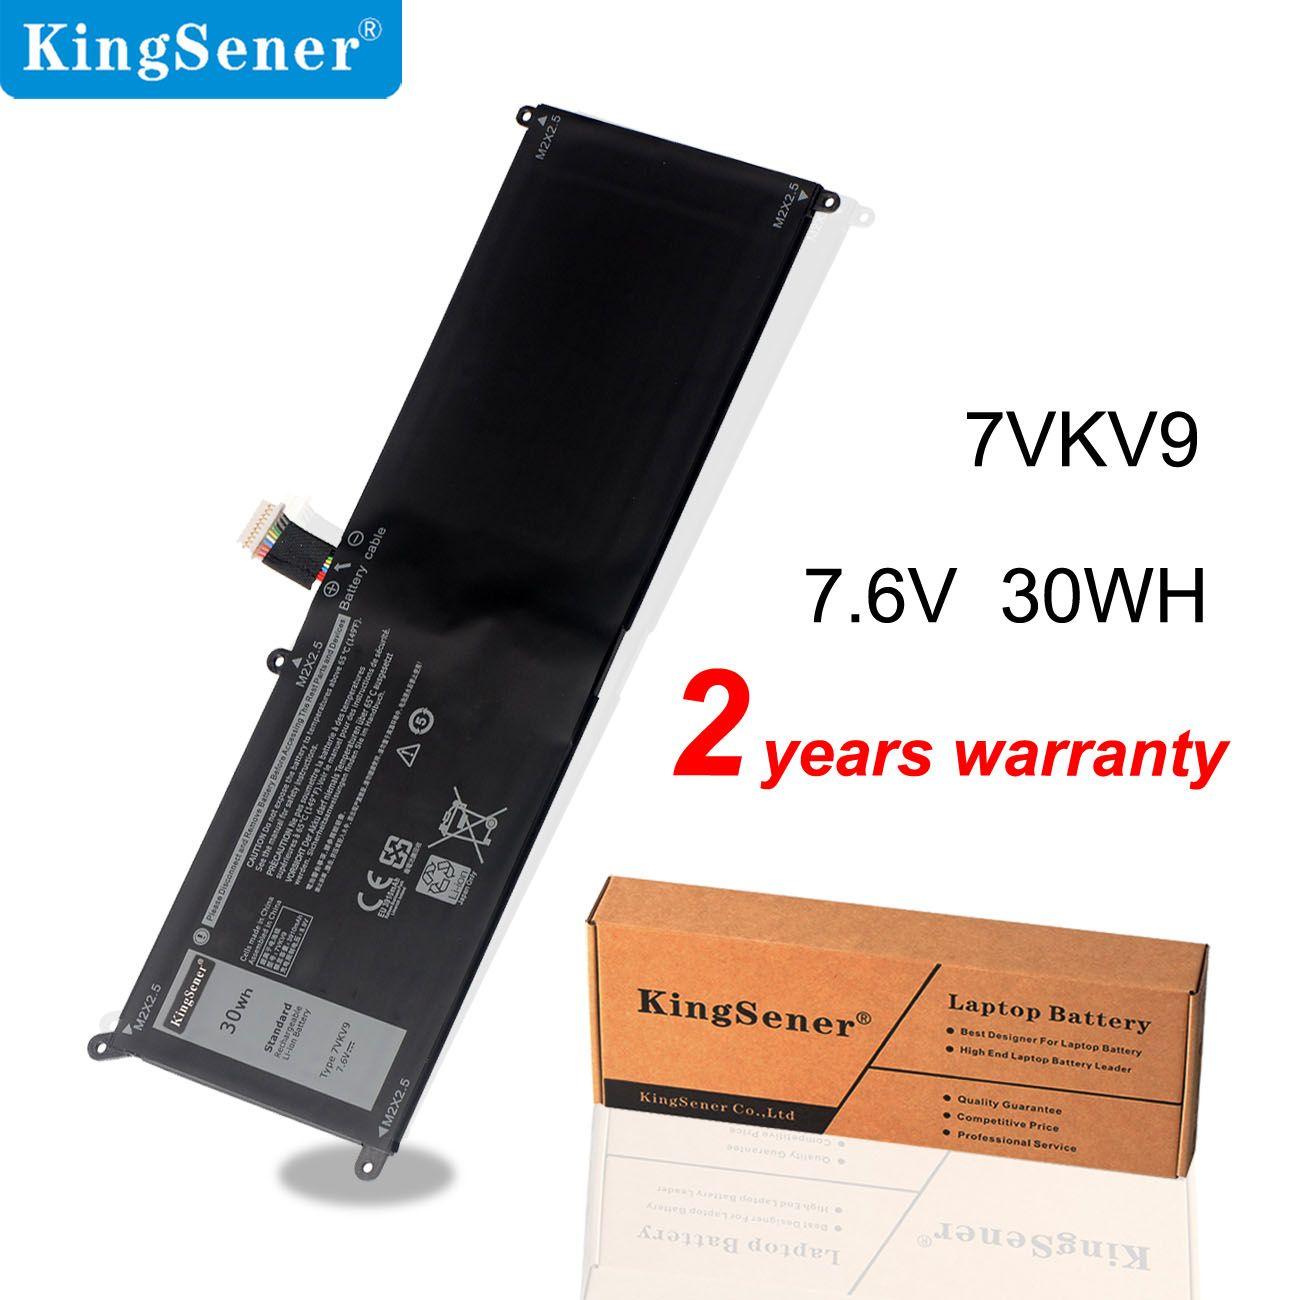 Kingsener 7VKV9 9TV5X Laptop Battery For DELL Latitude XPS 12 7000 7275 9250 Tablet 7.6V 30WH